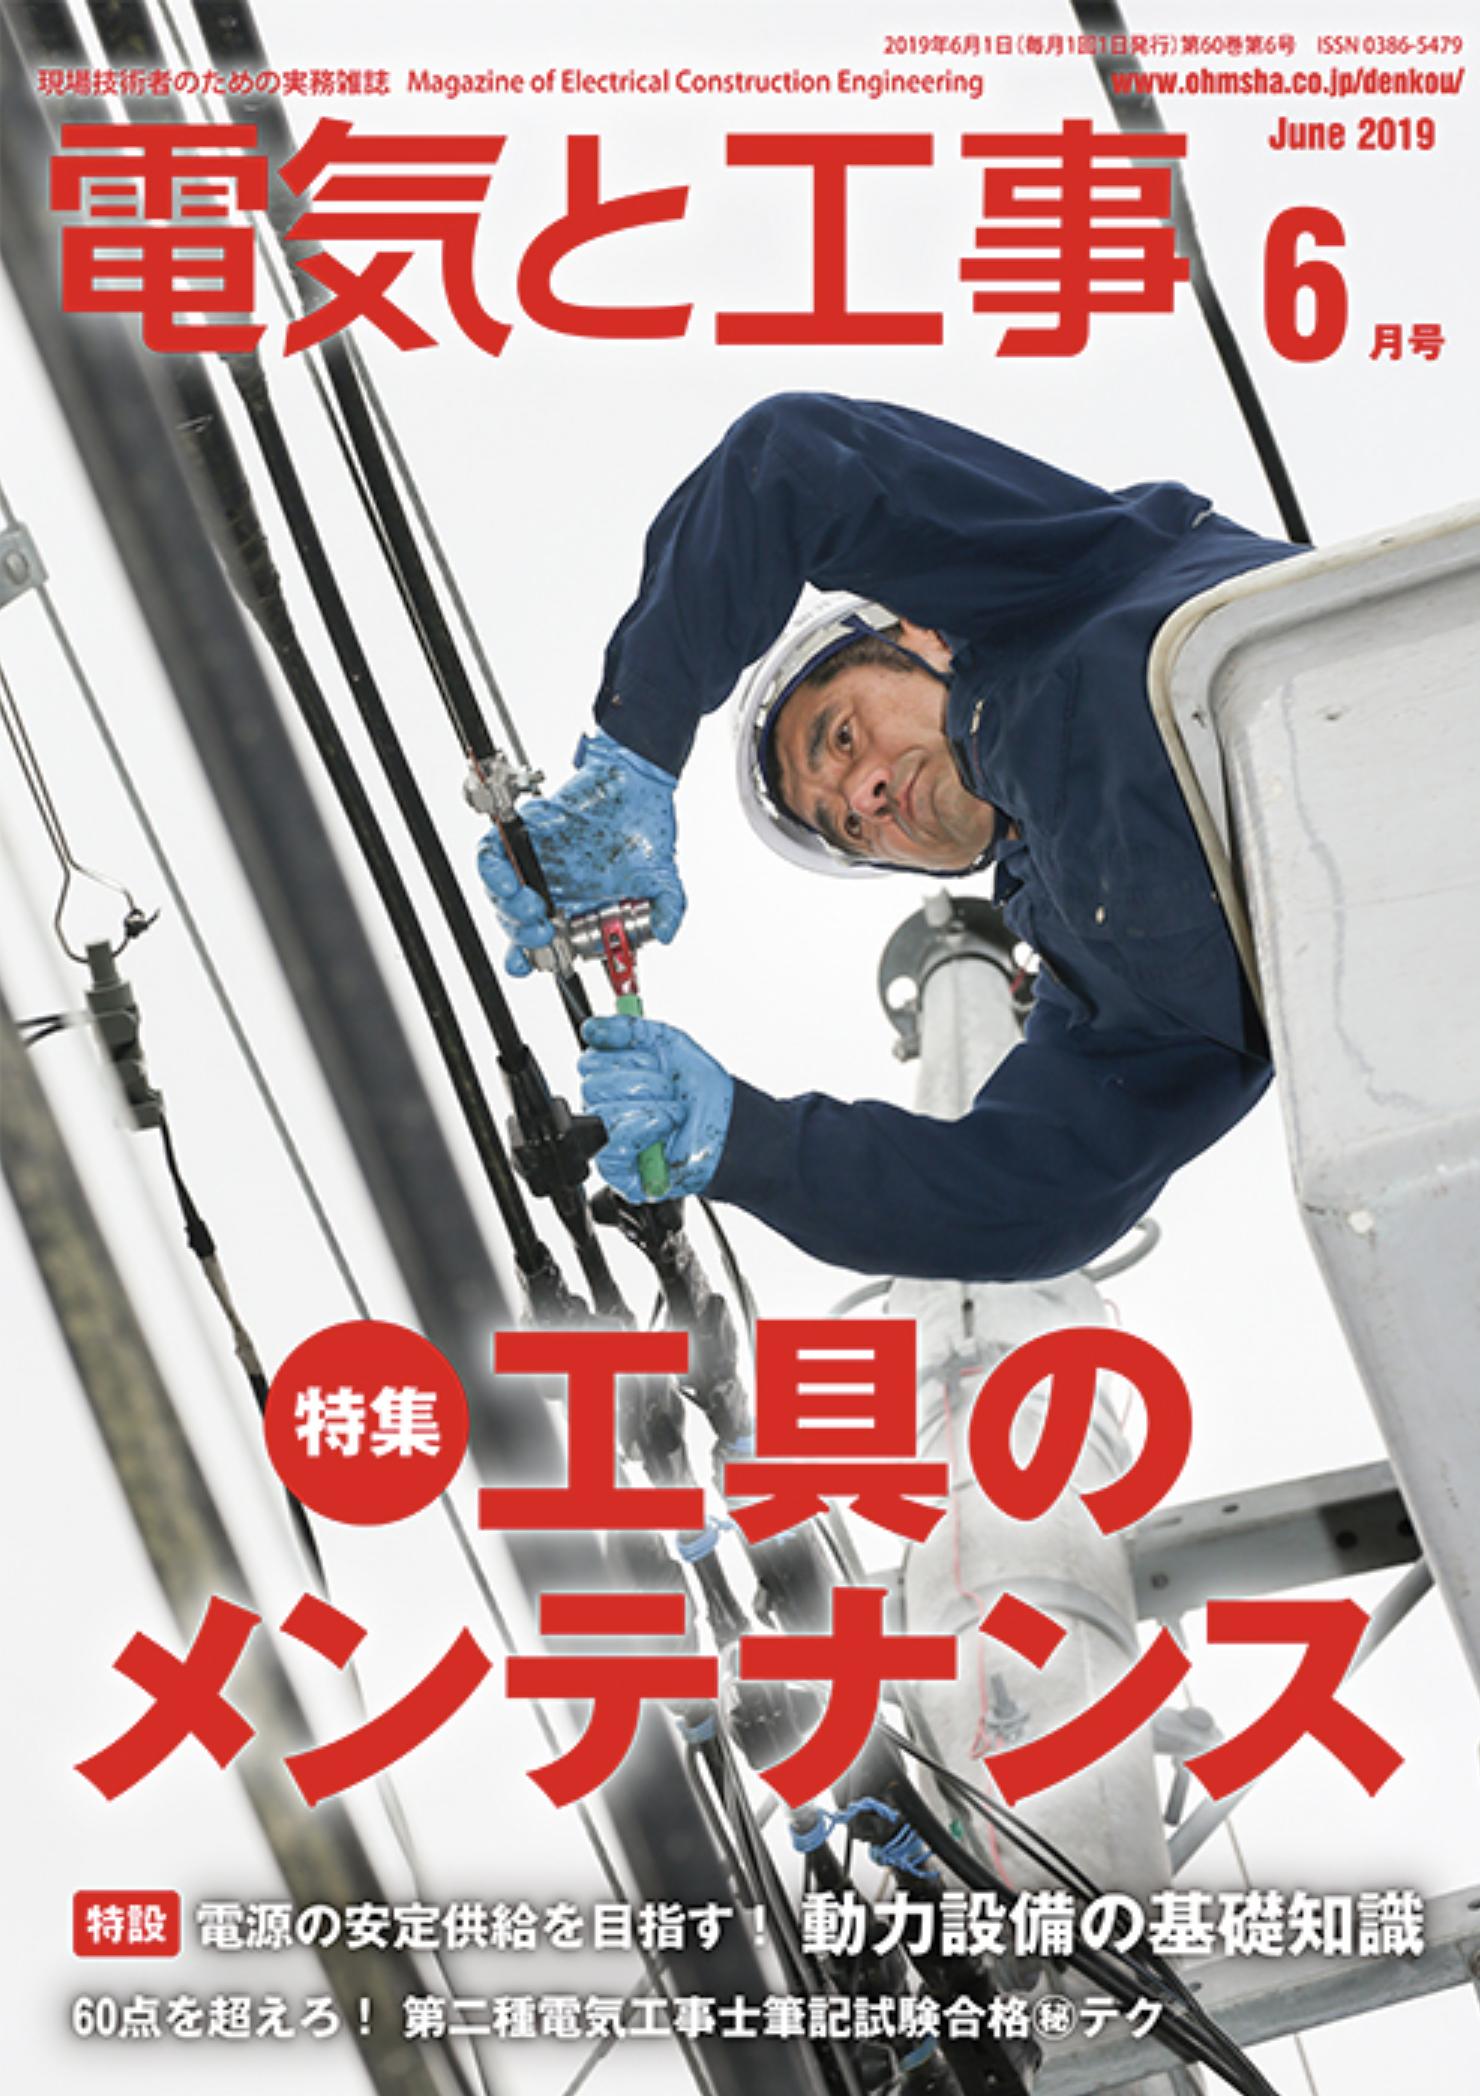 【新刊トピックス 2019年5月】電気と工事 2019年6月号 (第60巻第6号通巻787号)の画像